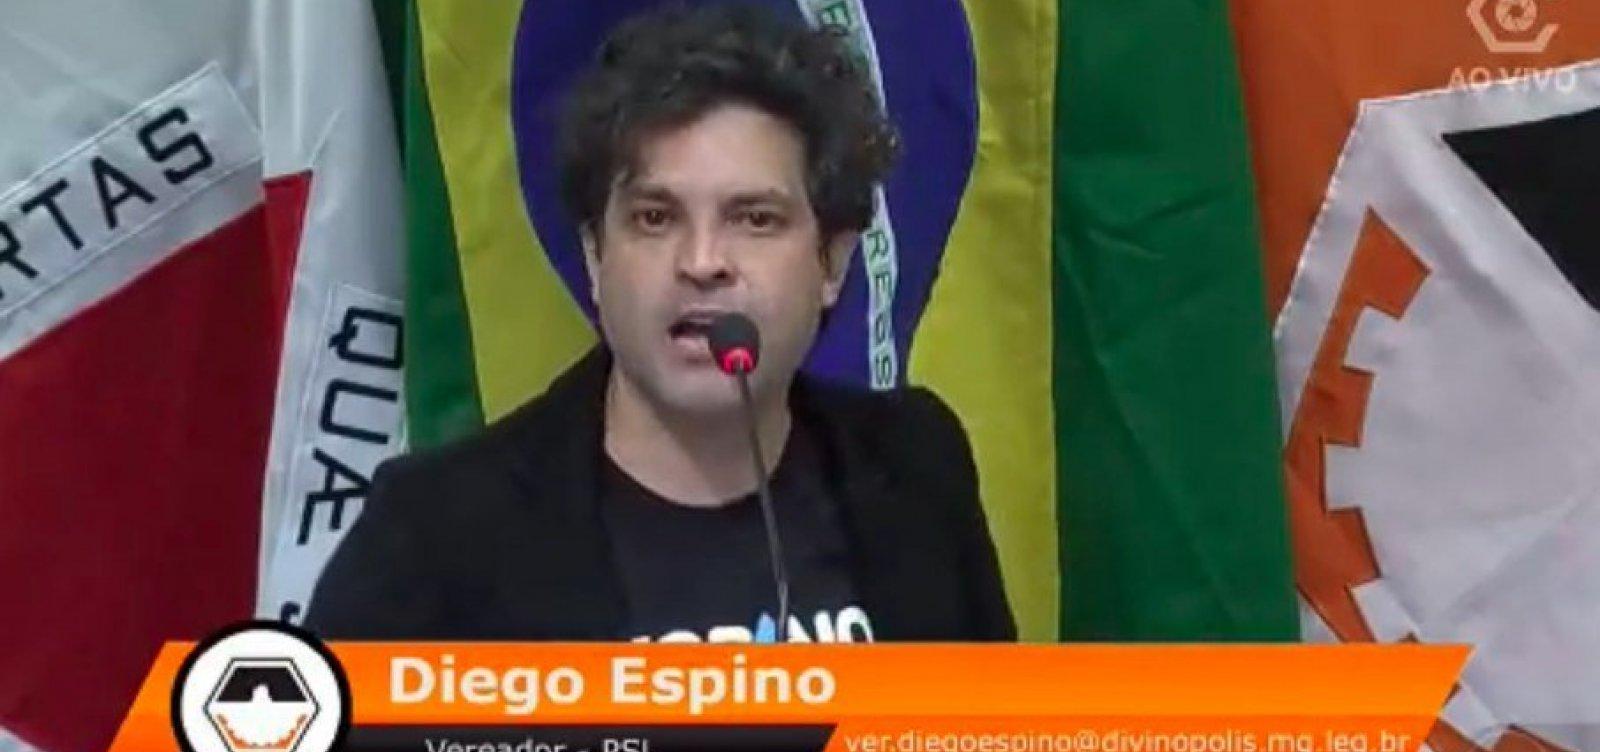 Vereador do PSL defende identidade de gênero e desmaia na Câmara após ser alvo de fake news